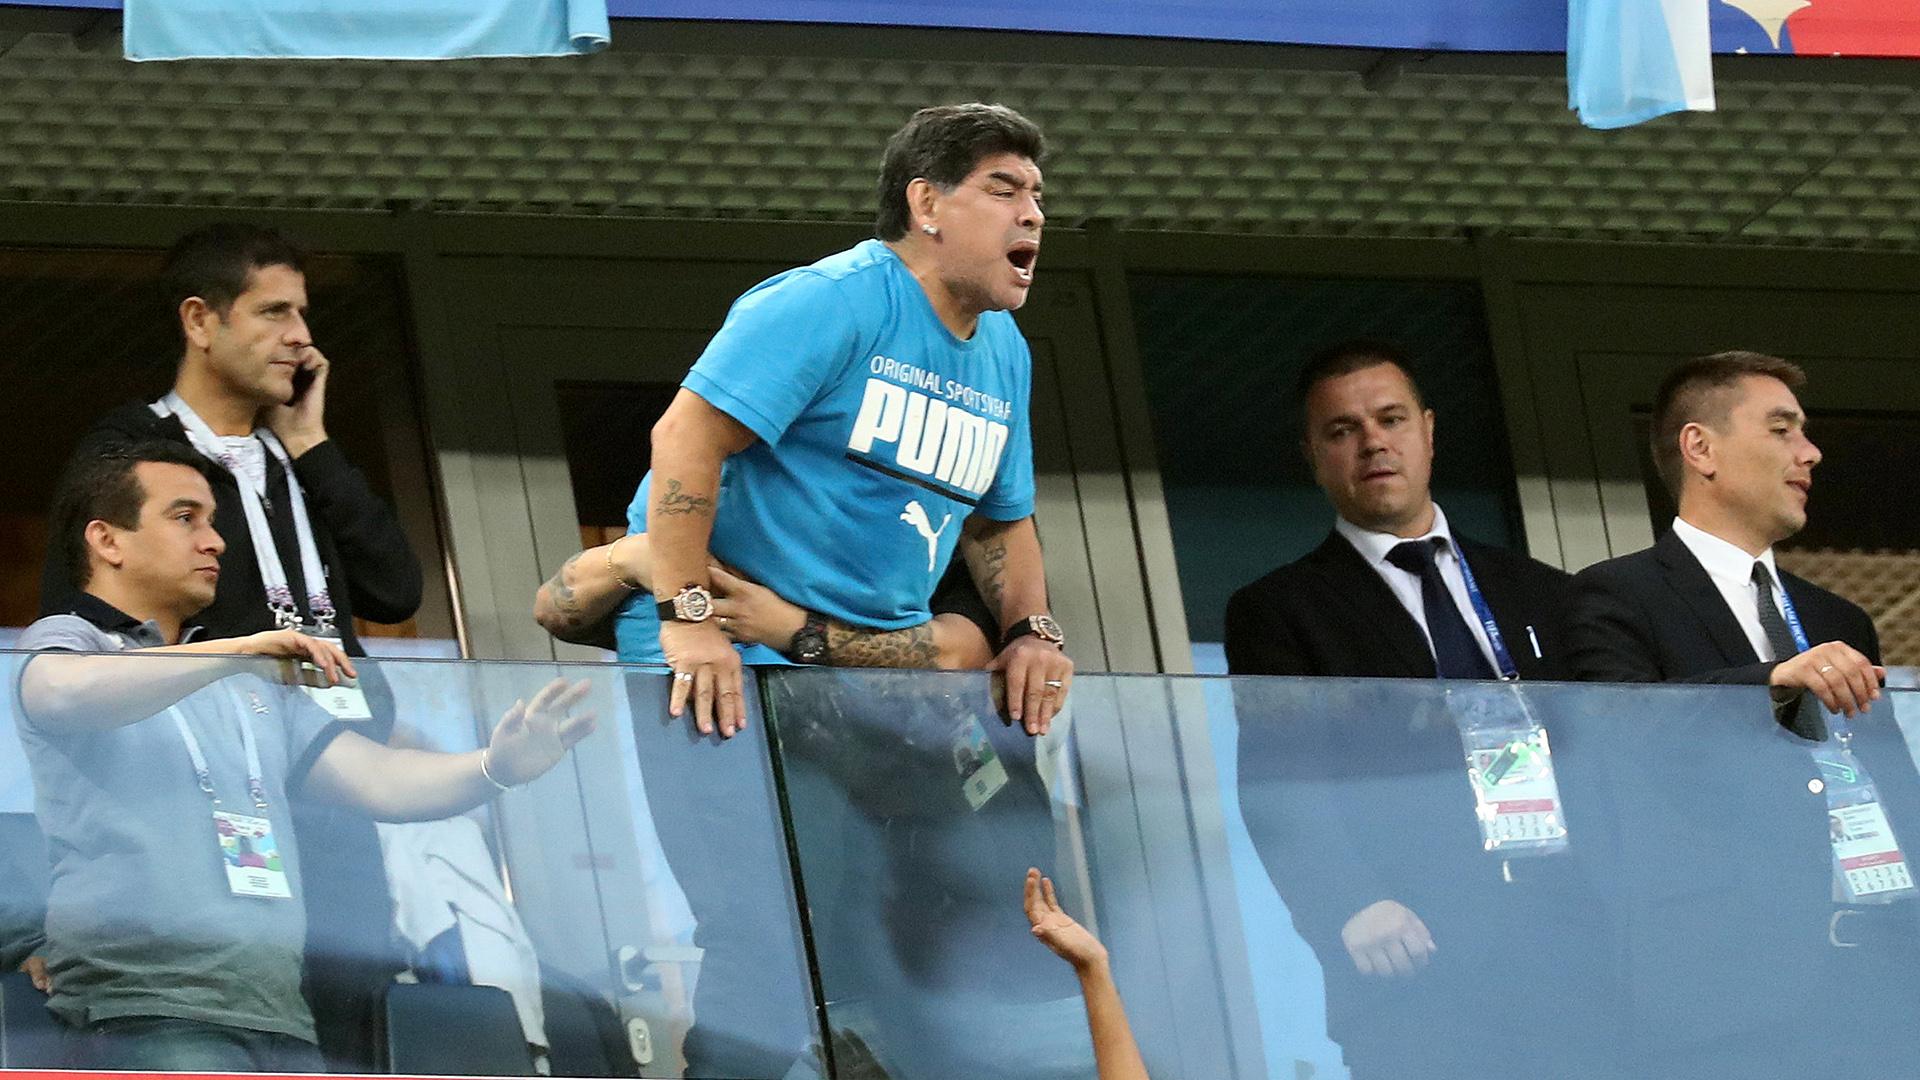 Una escena repetida: Maradona colgado en el palco, alentando al equipo